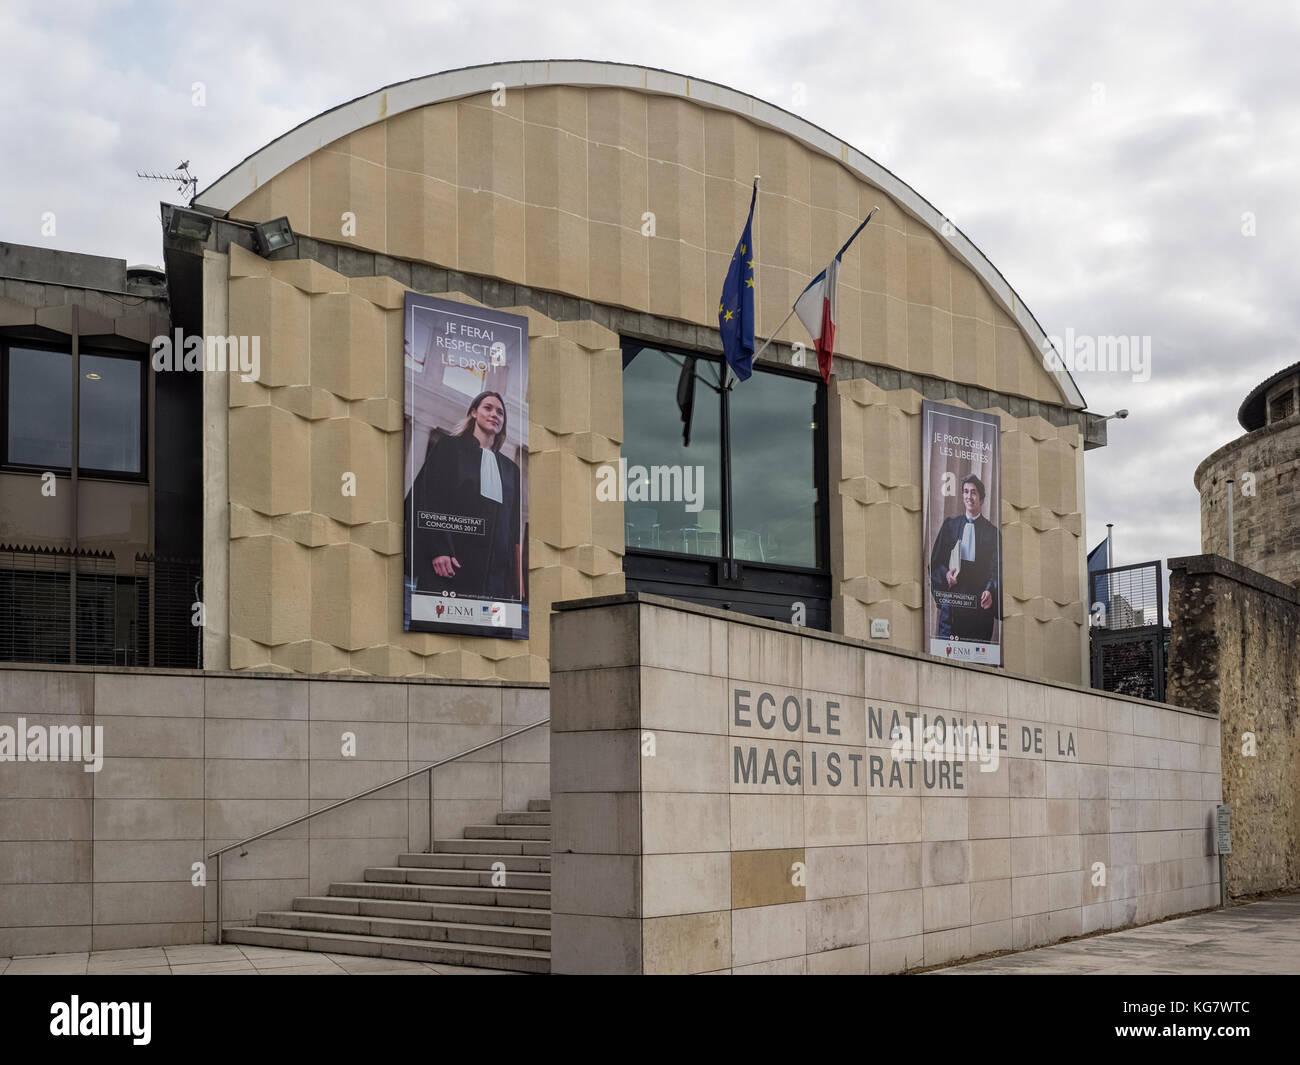 BORDEAUX, FRANCE:   National School of the Judiciary (École nationale de la Magistrature) - Stock Image